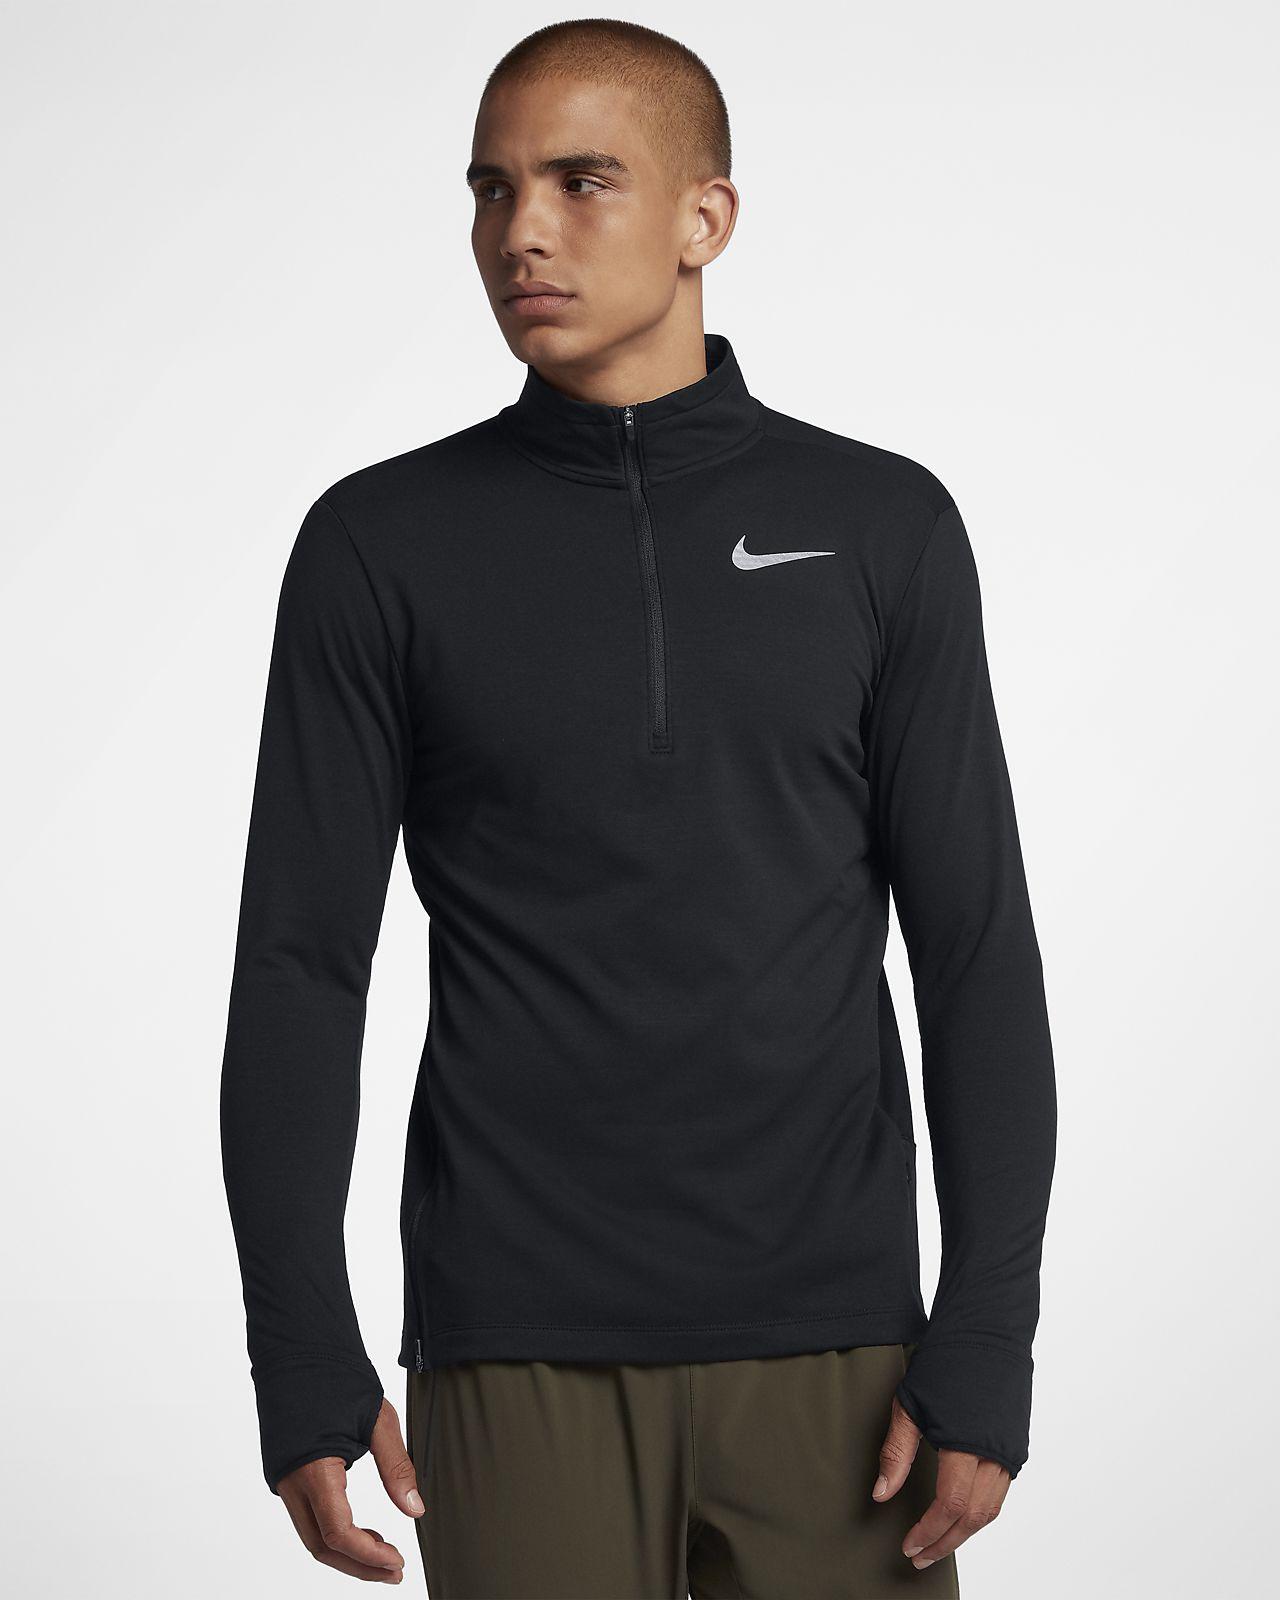 Nike Therma Sphere-løbeoverdel med lynlås i halv længde til mænd